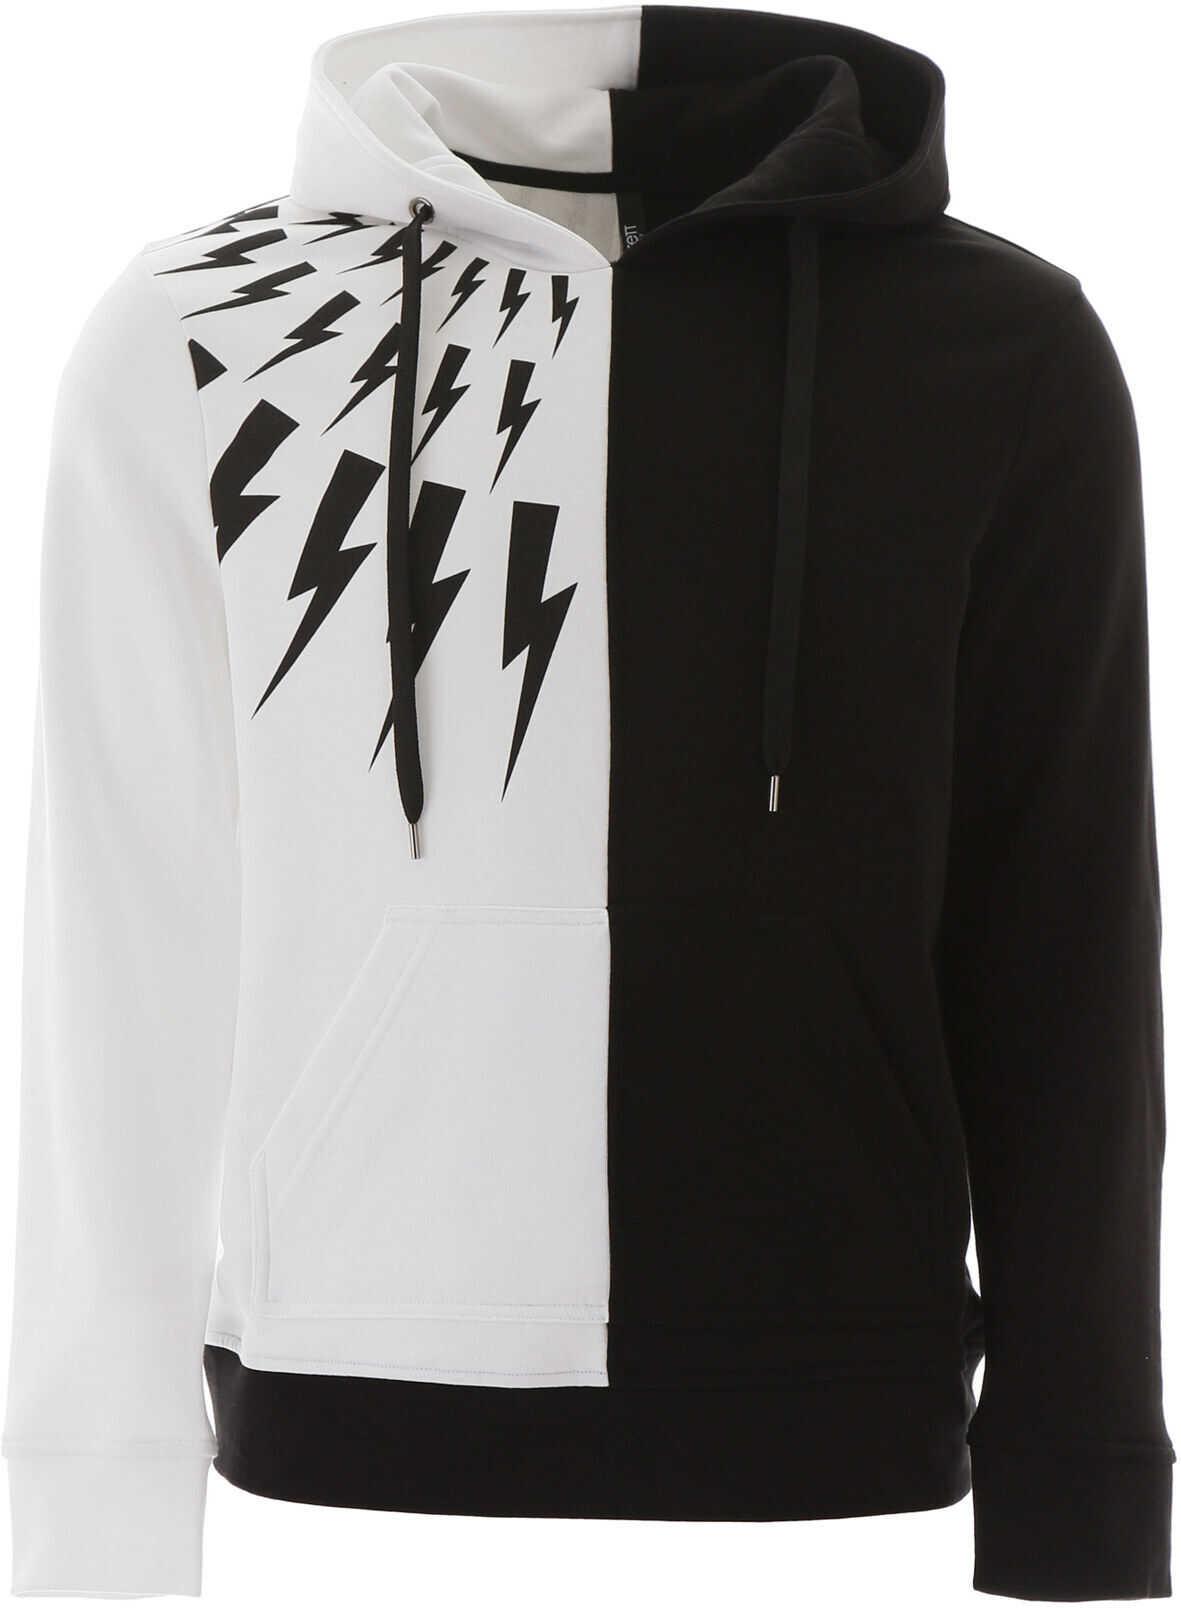 Neil Barrett Thunder Print Hooded Sweatshirt BLACK WHITE